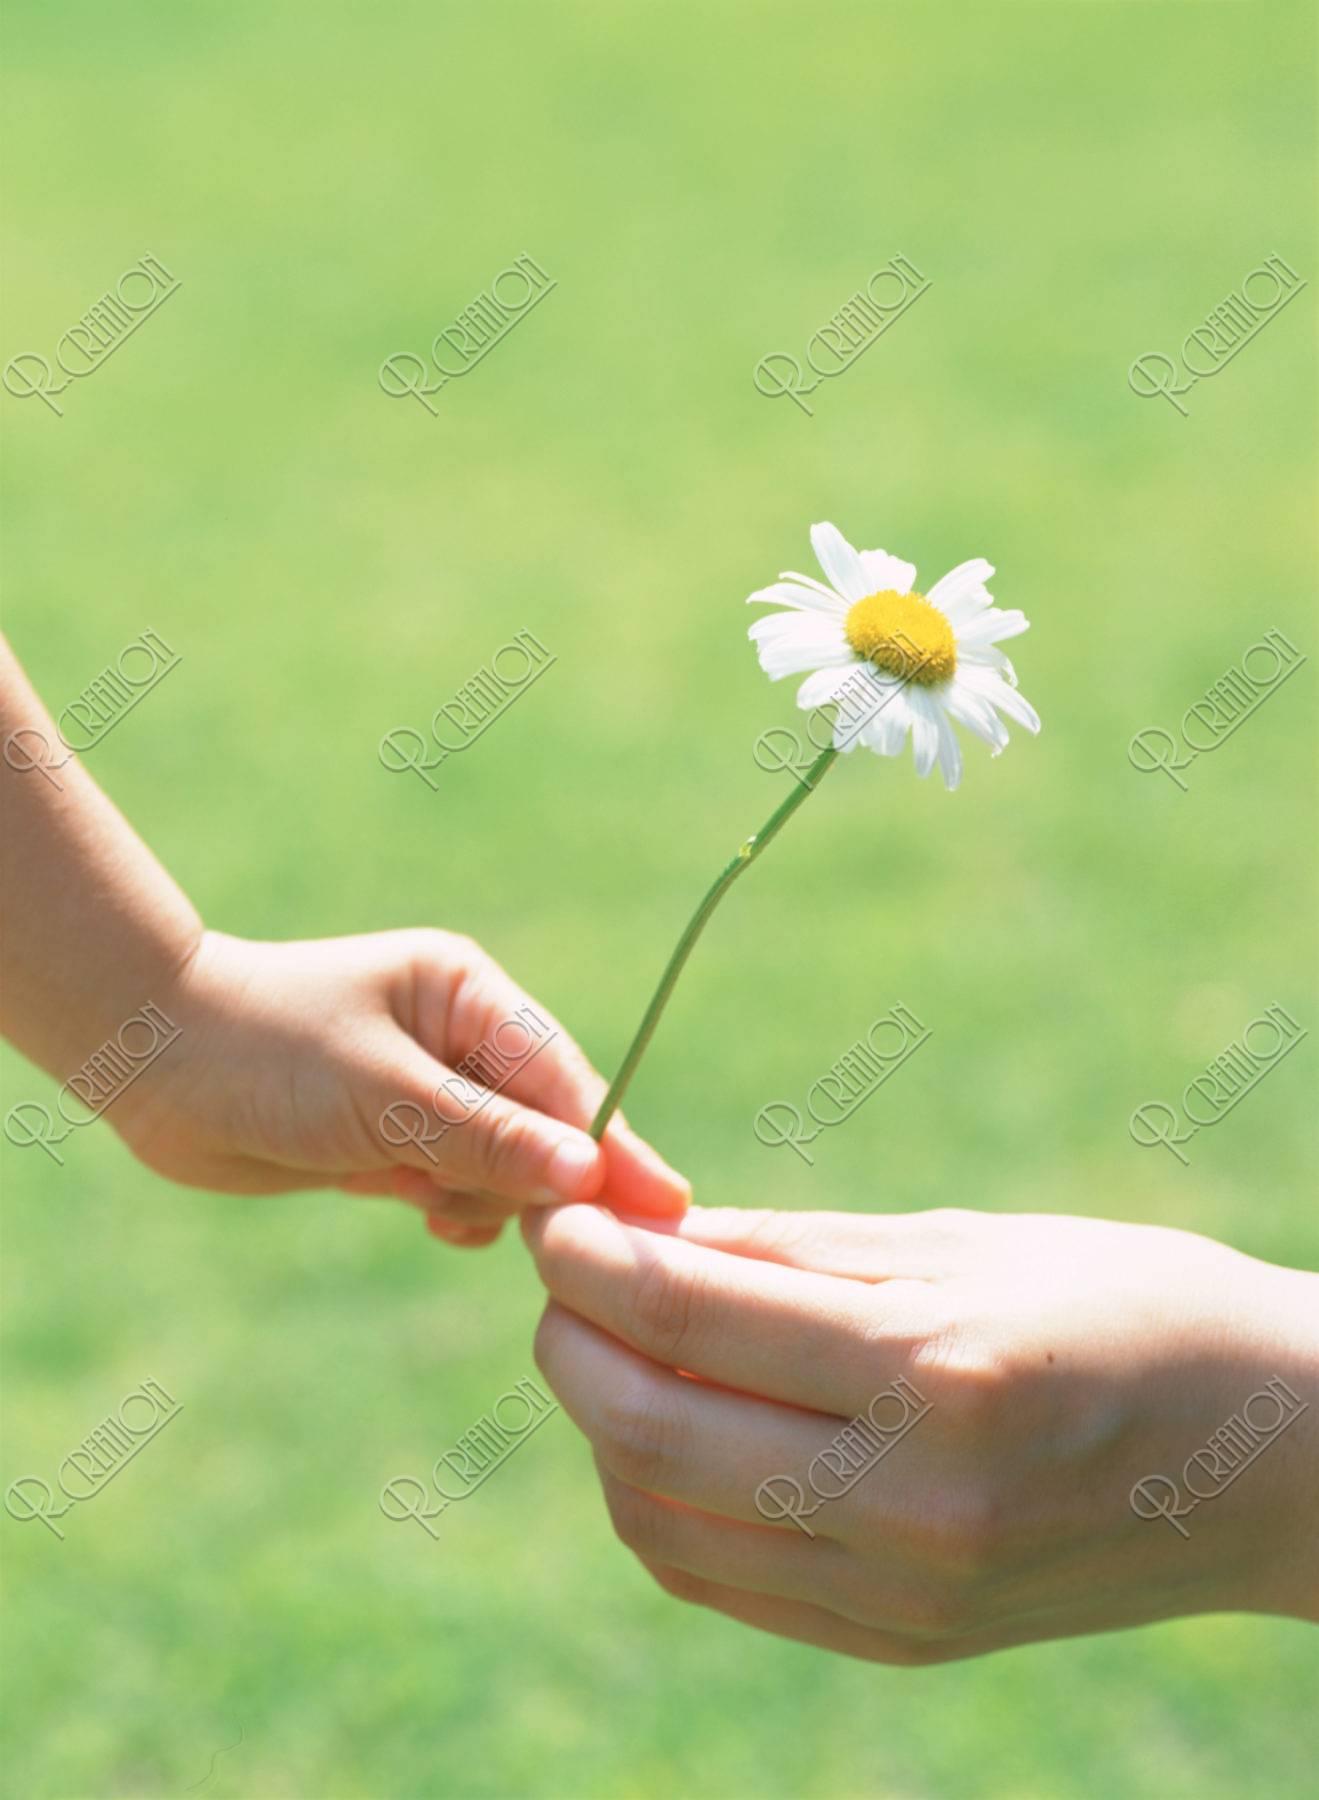 白い花を持つ母と子の手